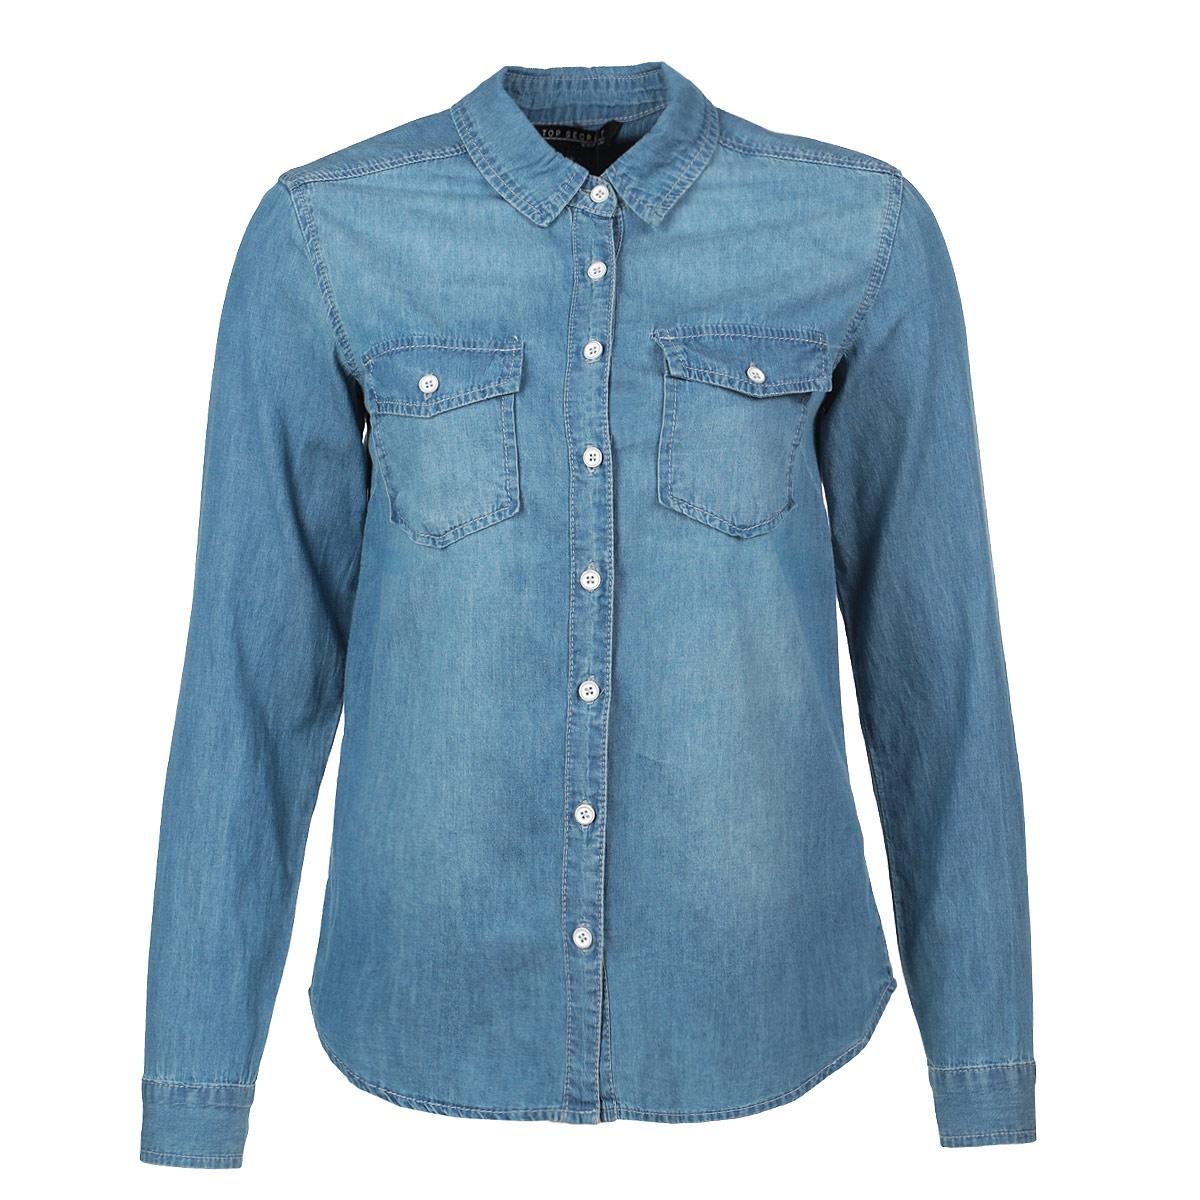 Рубашка женская. SKL1694NISKL1694NIСтильная джинсовая рубашка Top Secret, изготовленная из высококачественного материала, необычайно мягкая и приятная на ощупь, не сковывает движения и позволяет коже дышать, не раздражает даже самую нежную и чувствительную кожу, обеспечивая наибольший комфорт. Модная рубашка с отложным воротником и полукруглым низом, застегивается на пуговицы. Модель дополнена на груди двумя накладными карманами с клапанами на пуговицах. Эта рубашка идеальный вариант для повседневного гардероба. Такая модель порадует настоящих ценителей комфорта и практичности!